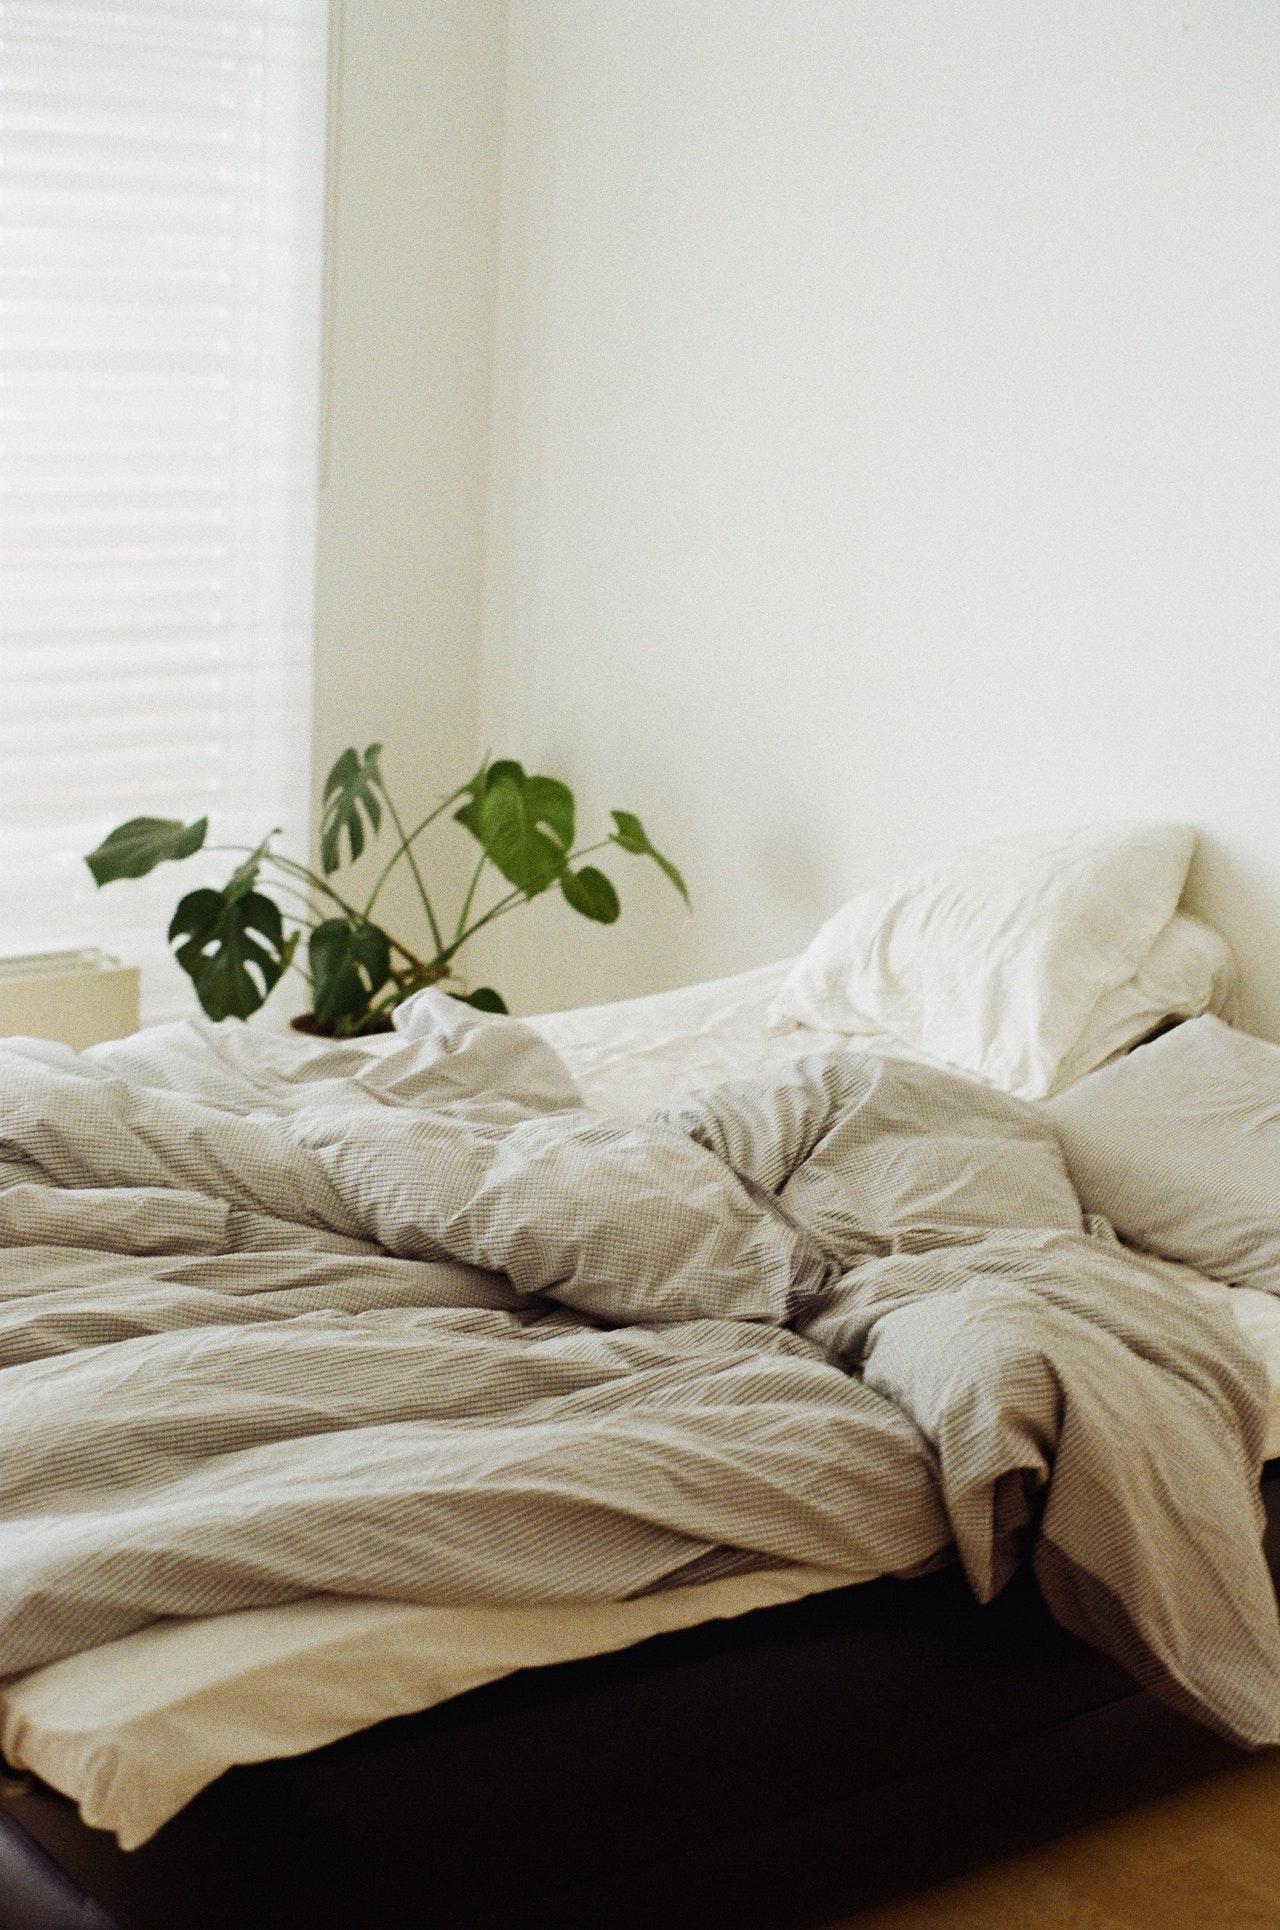 Bettwäsche in Übergröße ist auch dann besonders sinnvoll, wenn man Du dich im Schlaf viel bewegst.